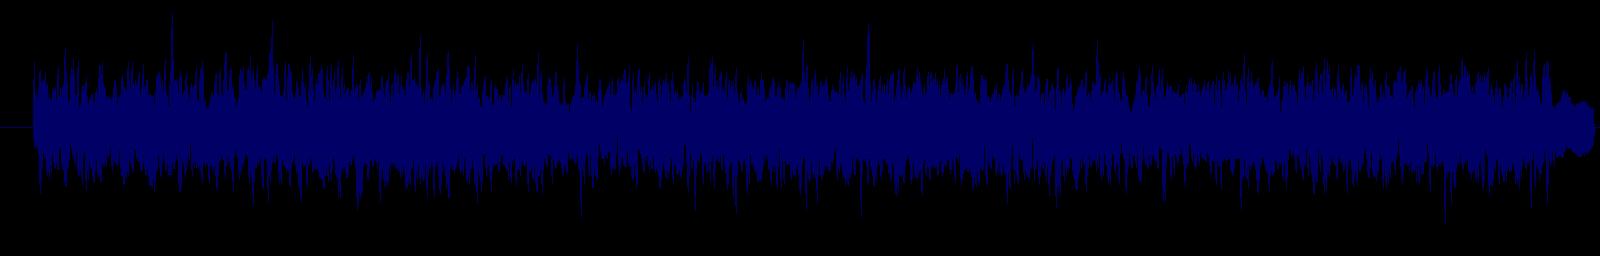 waveform of track #97931